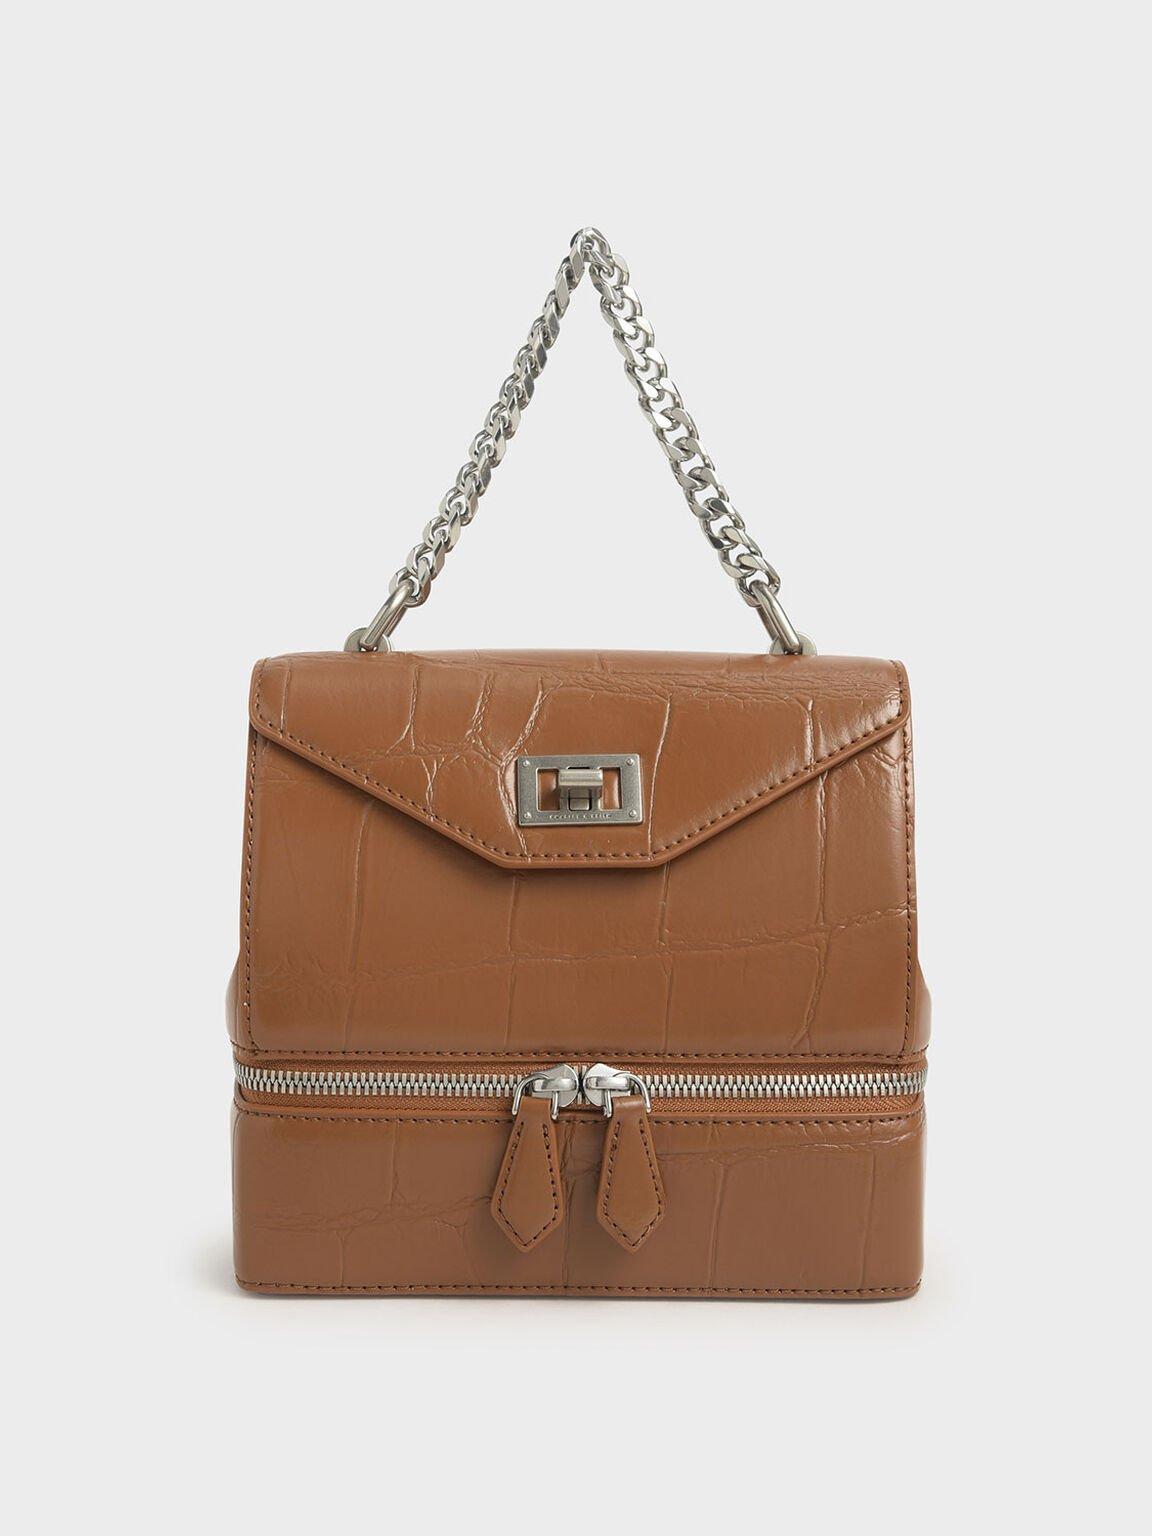 Croc-Effect Two-Way Zip Handbag, Cognac, hi-res